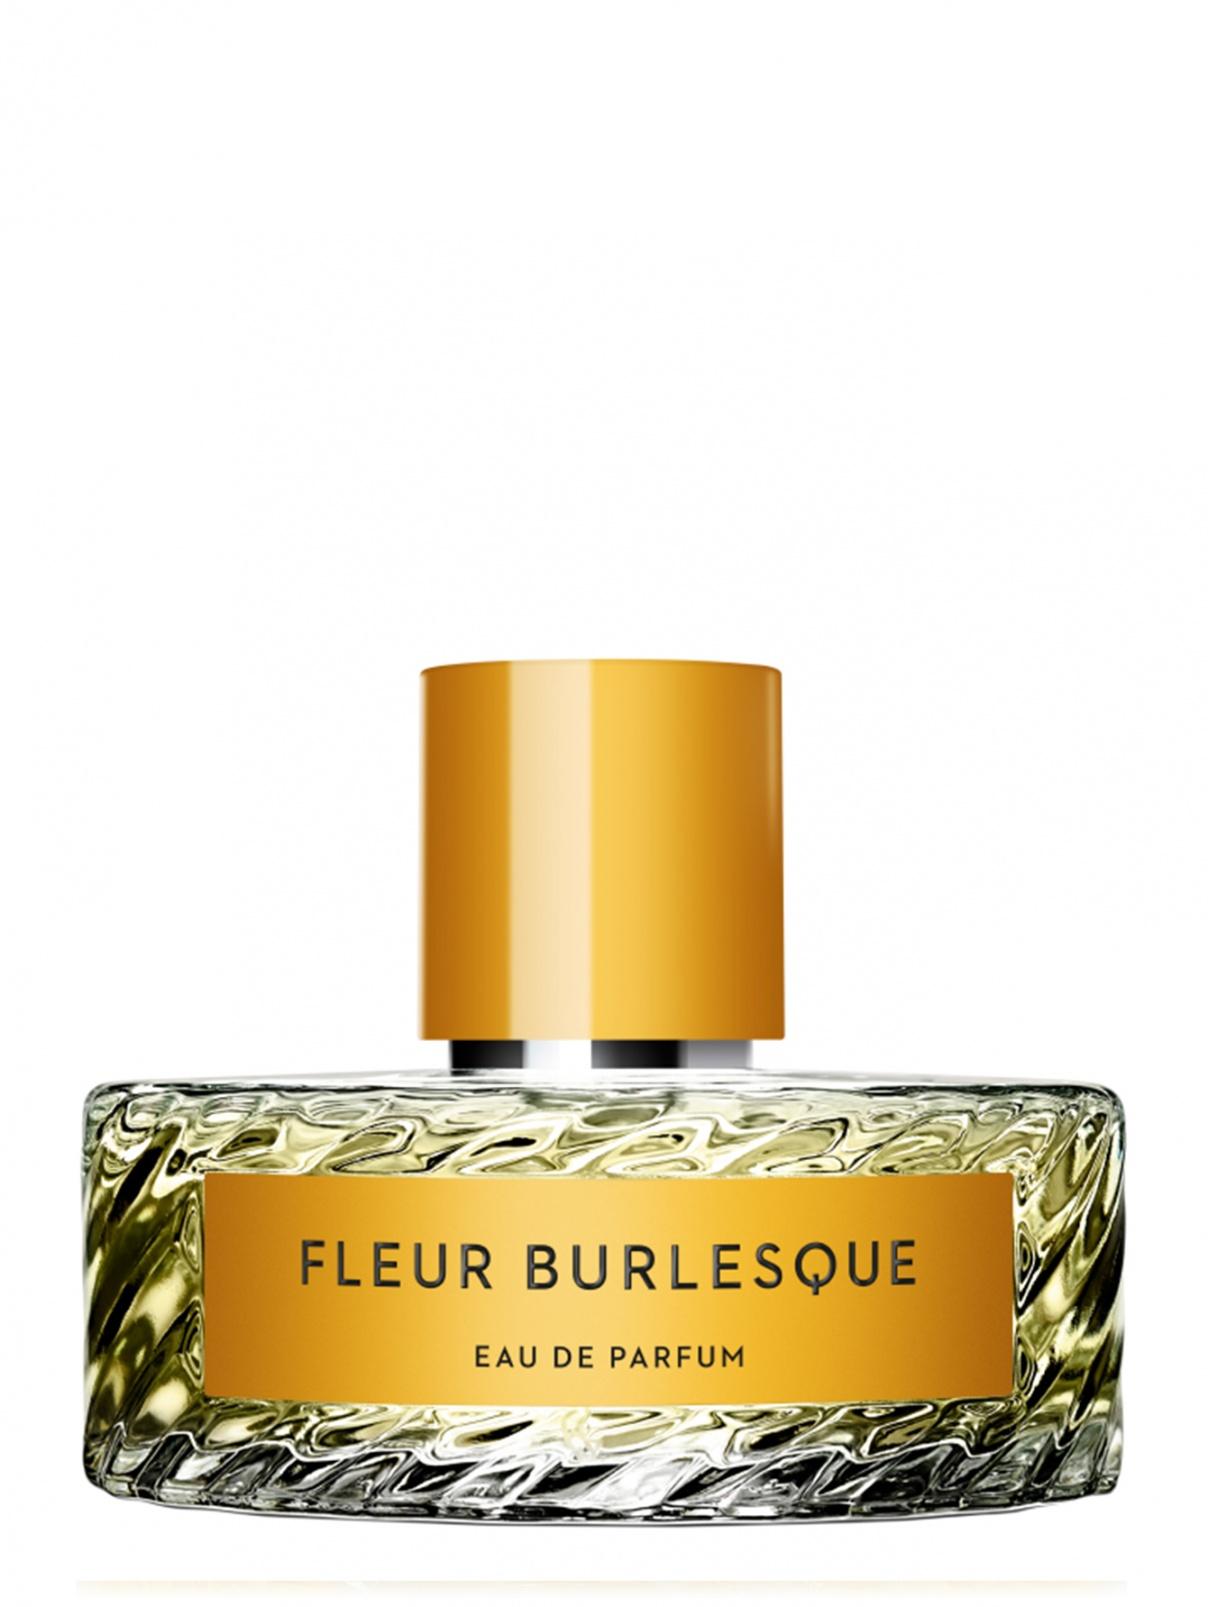 Парфюмерная вода 100 мл Fleur Burlesque Vilhelm Parfumerie  –  Общий вид